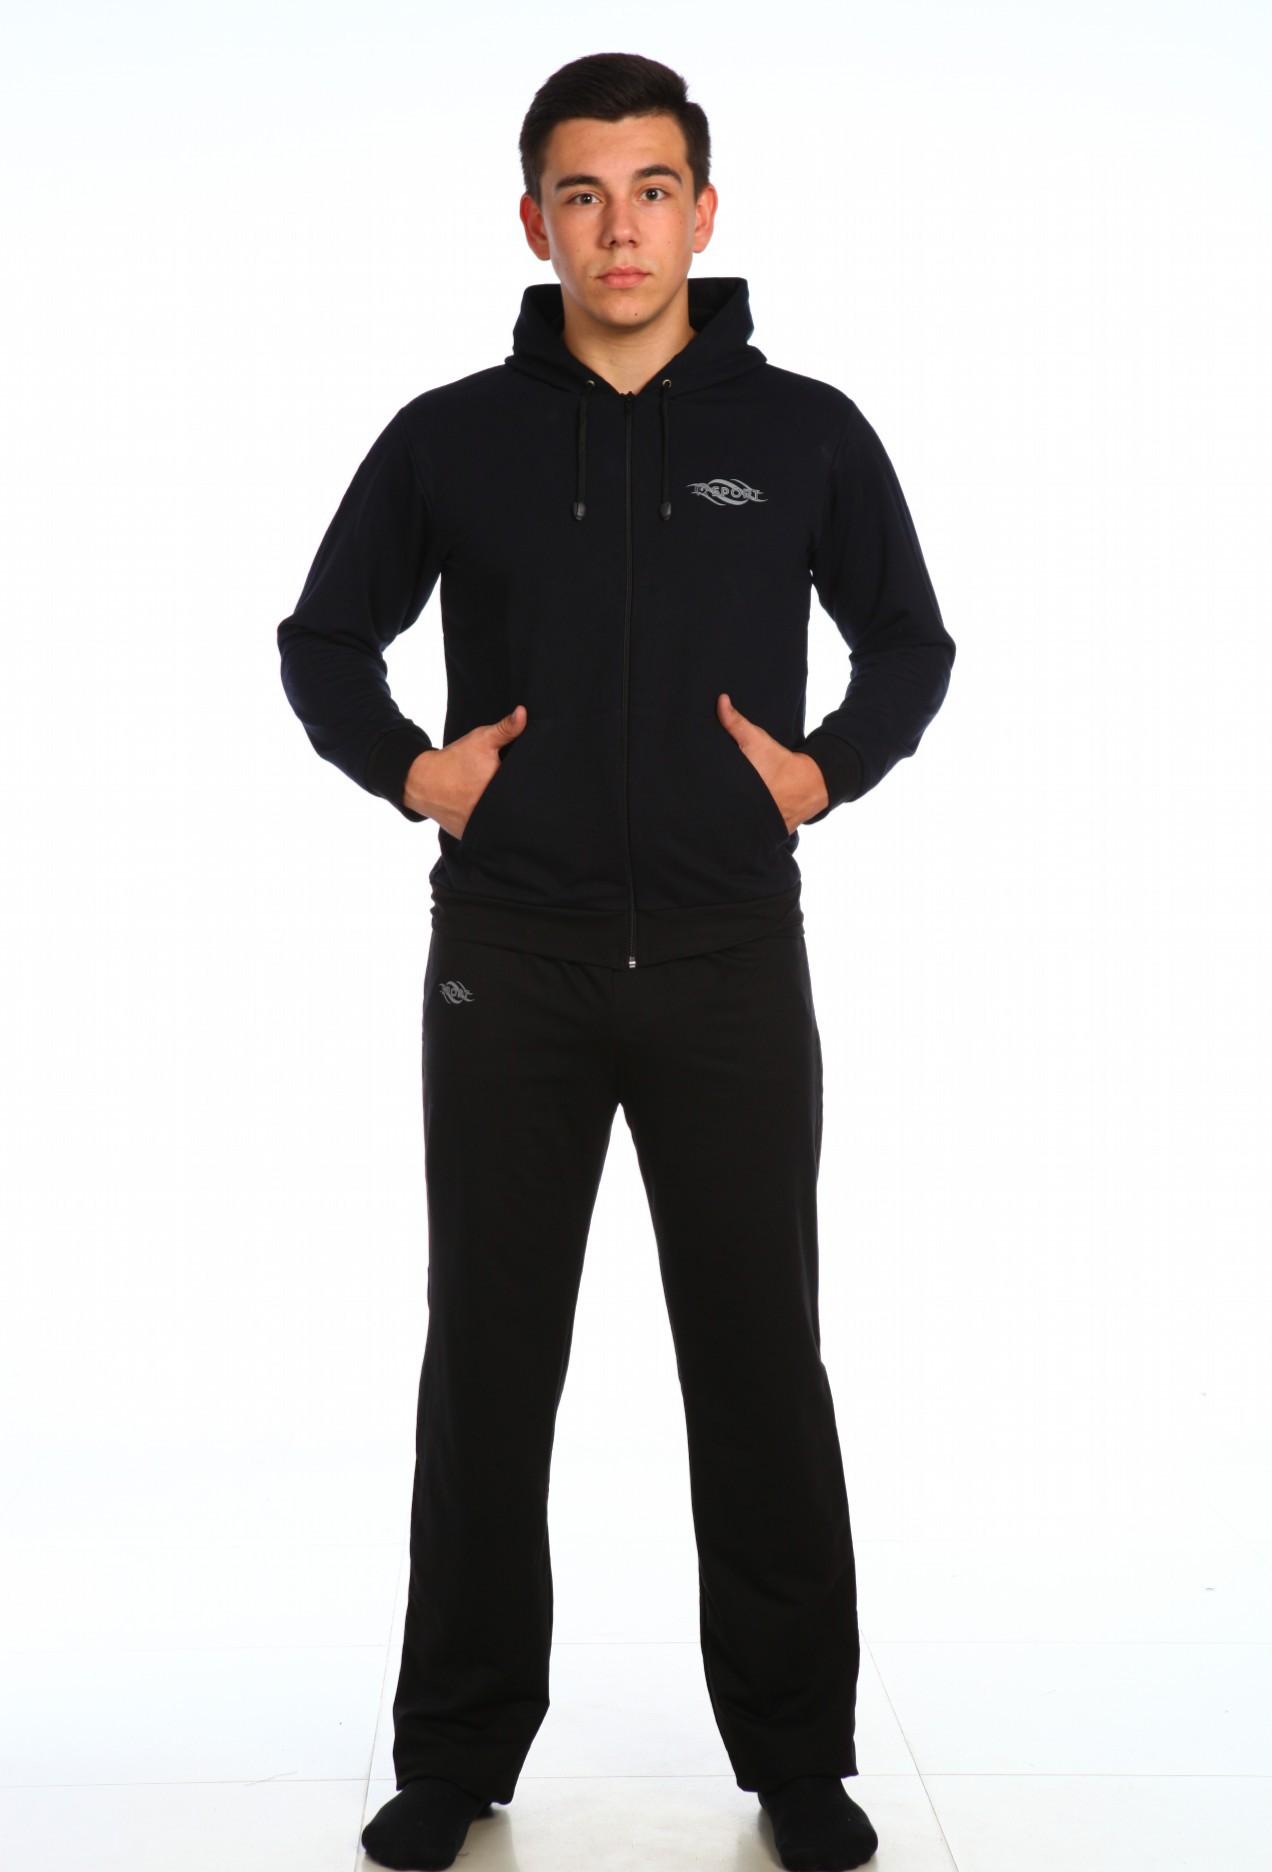 Костюм мужской Спорт толстовка и брюкиКостюмы<br><br><br>Размер: 48